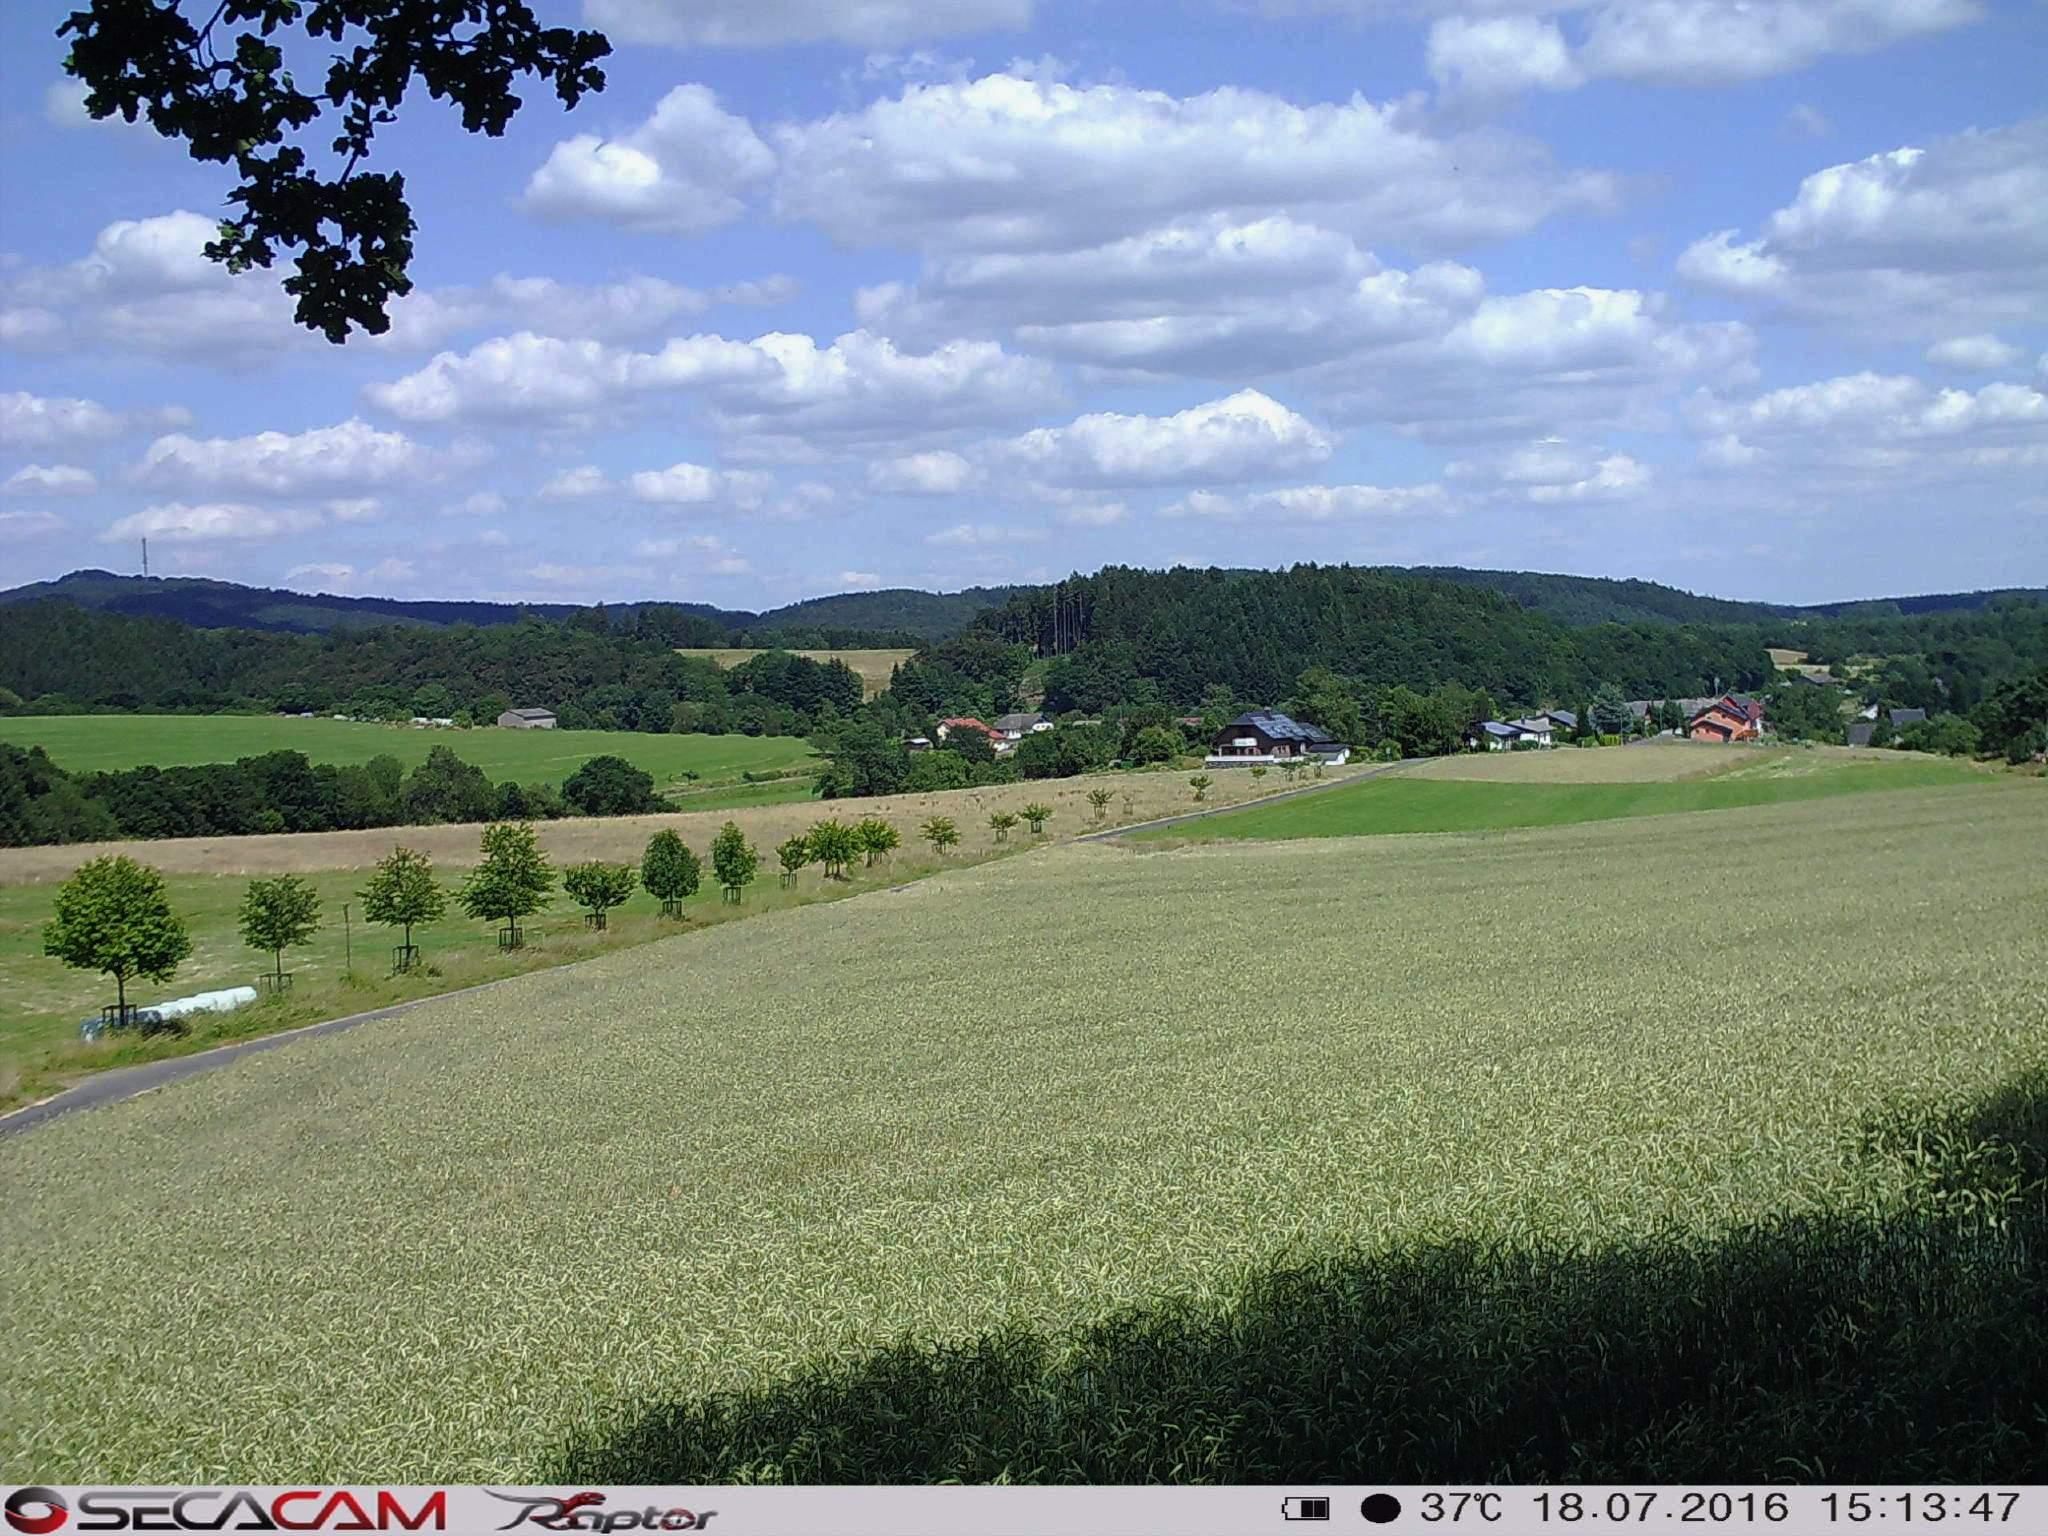 Ganz neue Möglichkeiten! Die SecaCams kann man bedenkenlos mehrerere Monate an einer landschaftlich schönen Stelle aufhängen und mit Hilfe der Zeitraffer-Funktion einen kleinen Film erstellen - Bild: Wildkamera-Test.com